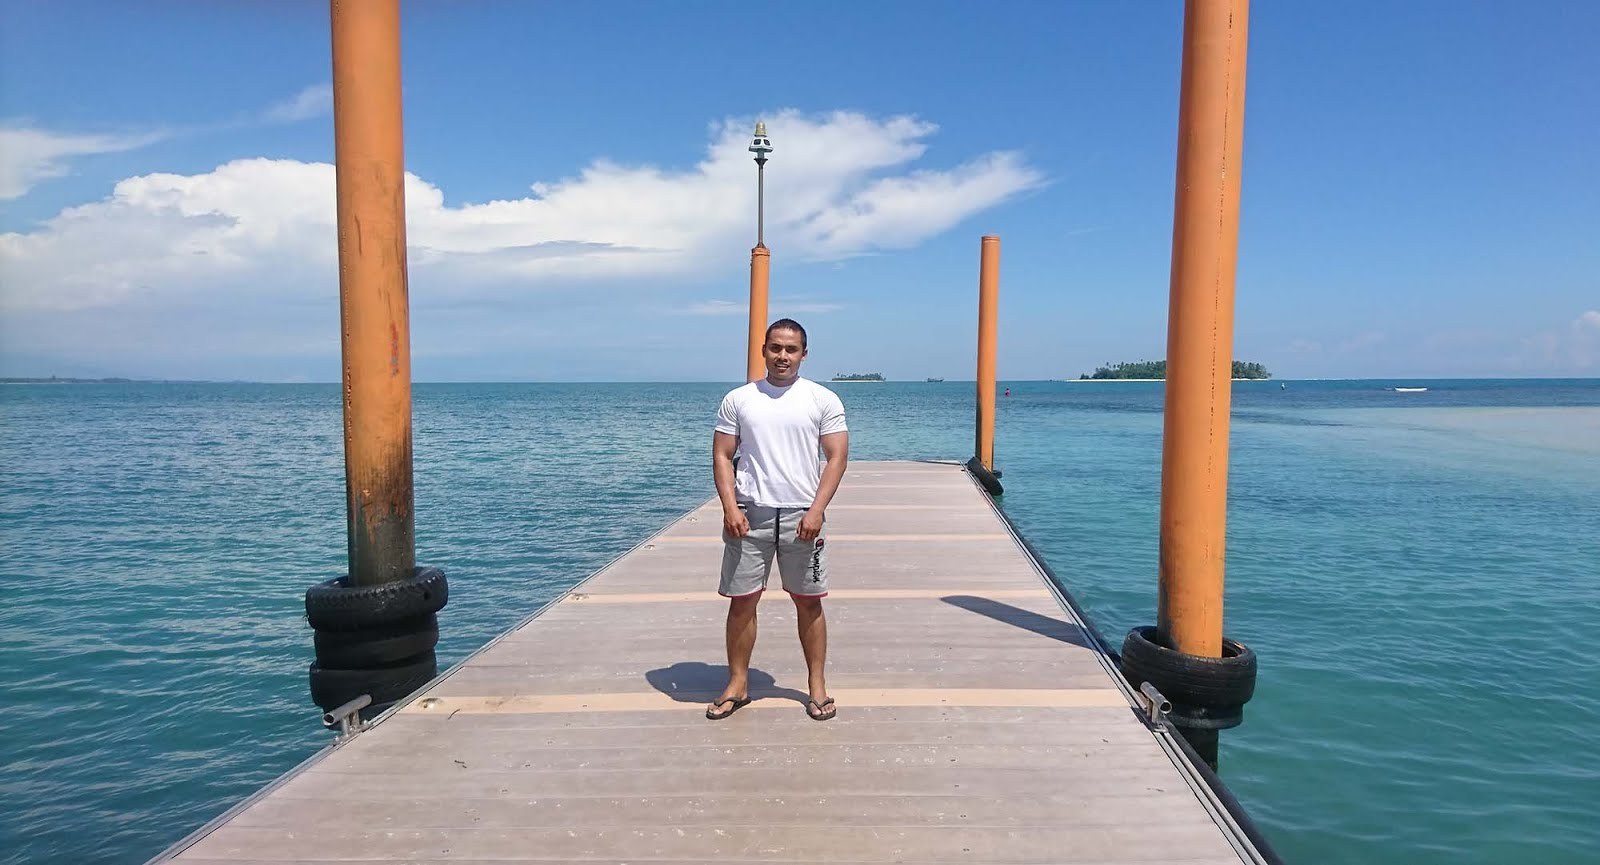 Banana Boat di Pulau Angso Duo,  pantai Gandoriah, pariaman, sumatera barat, sumbar, pantai di sumbar